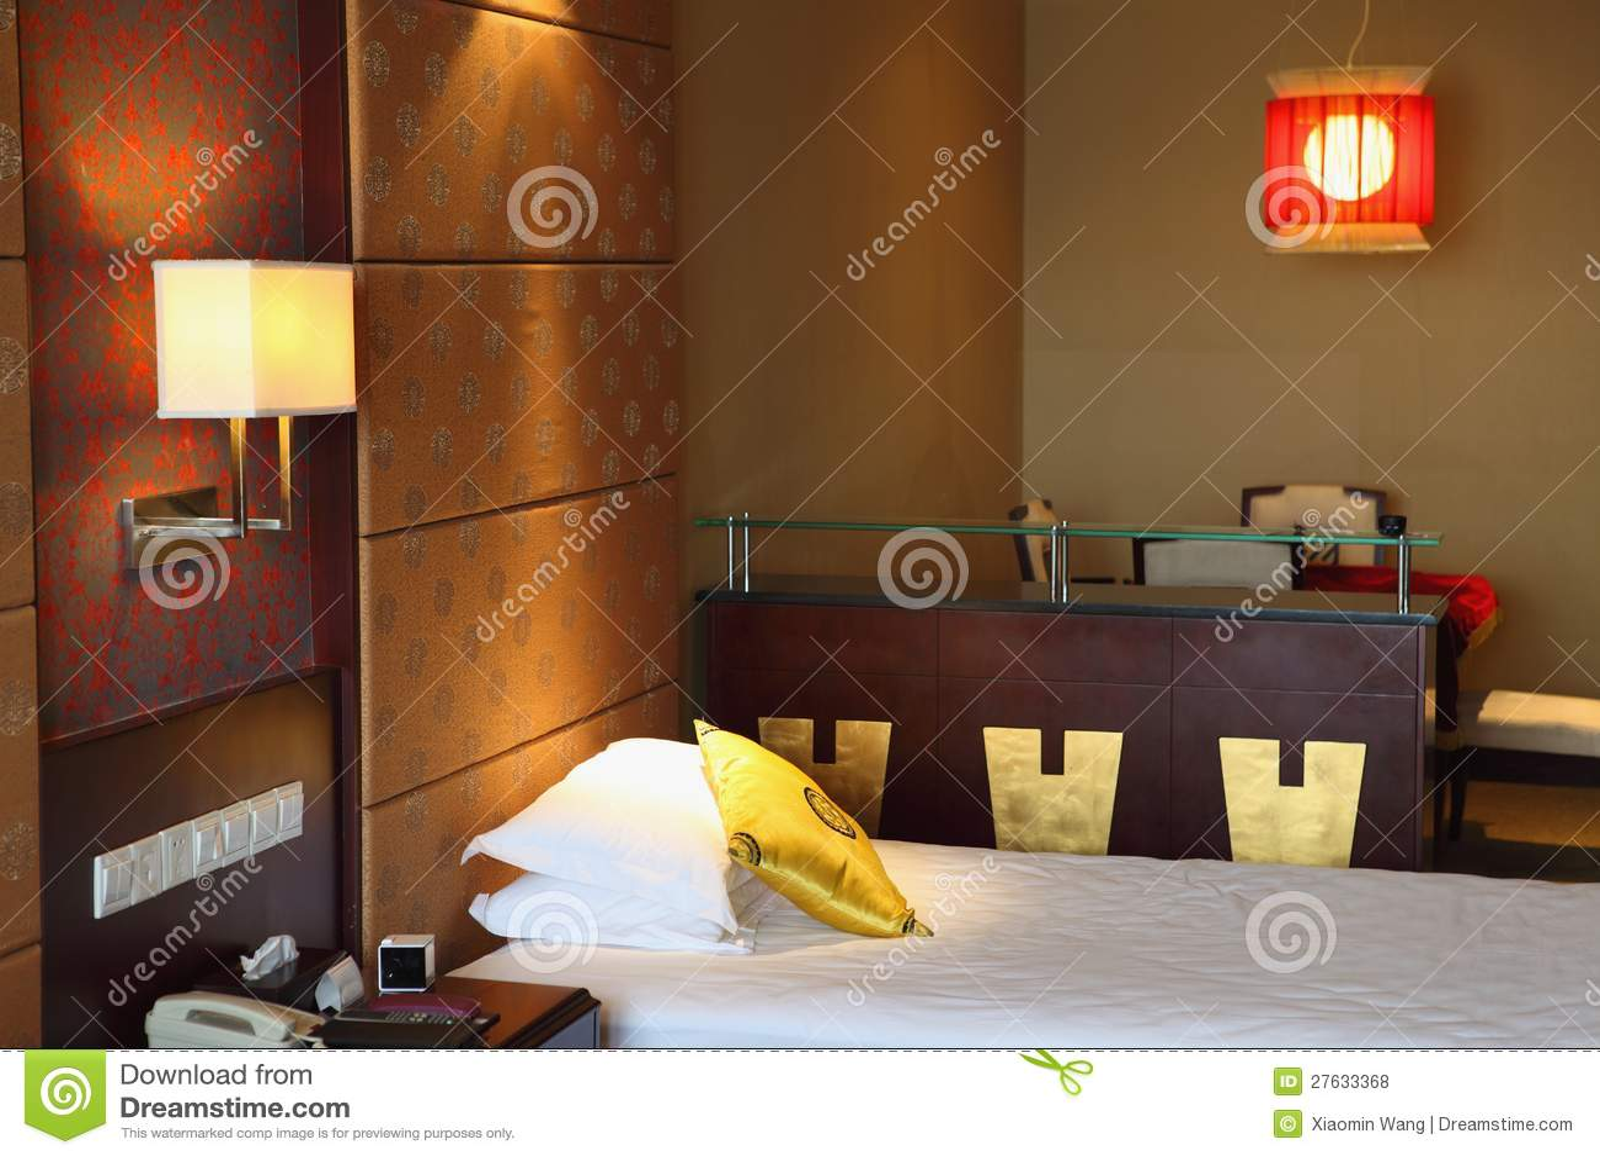 Camera Da Letto Orientale Di Stile Fotografia Stock - Immagine di ...